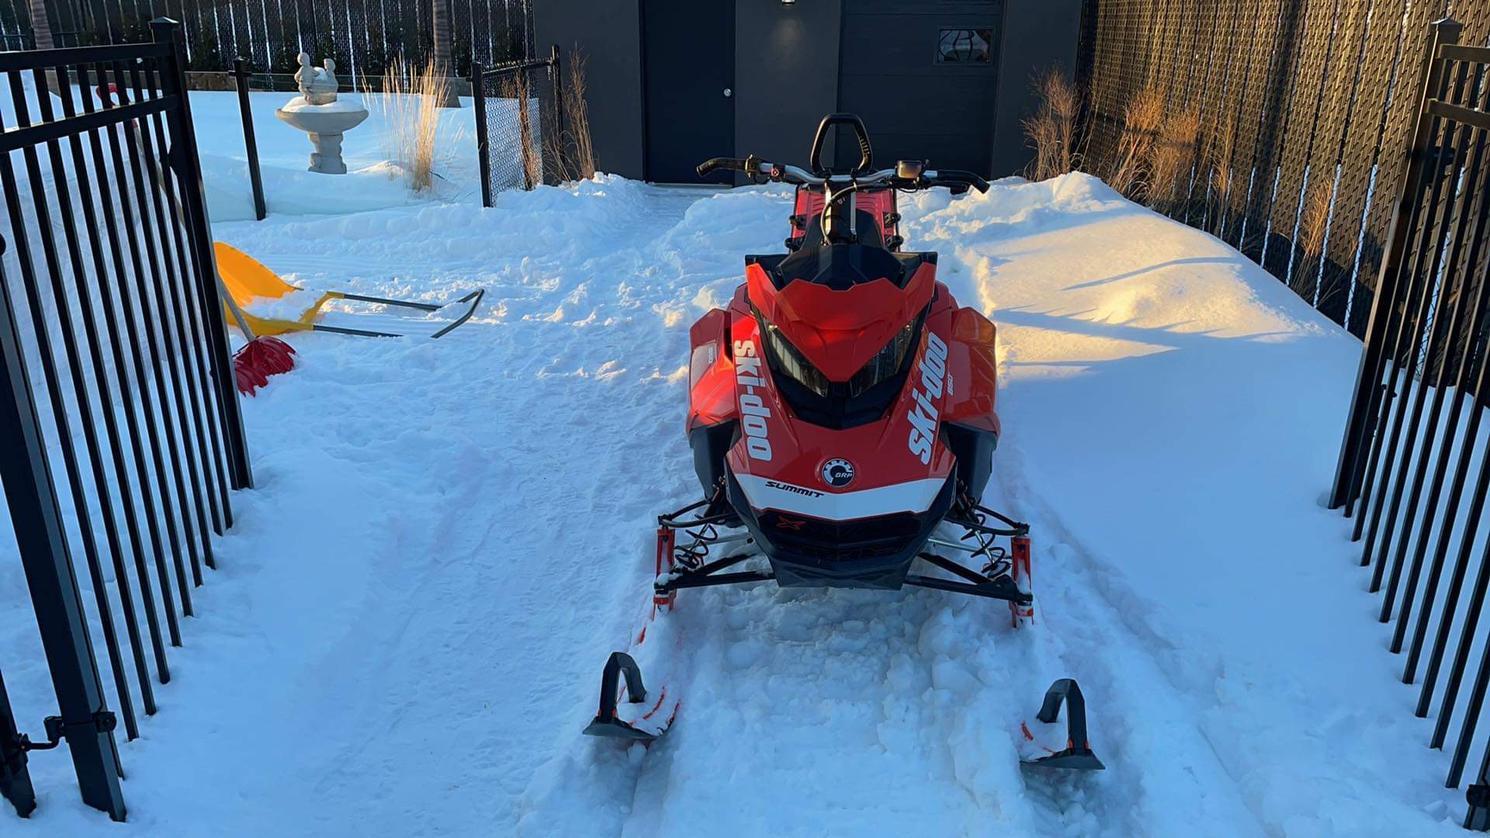 Ski-Doo Summit x 850 2019 - Brp